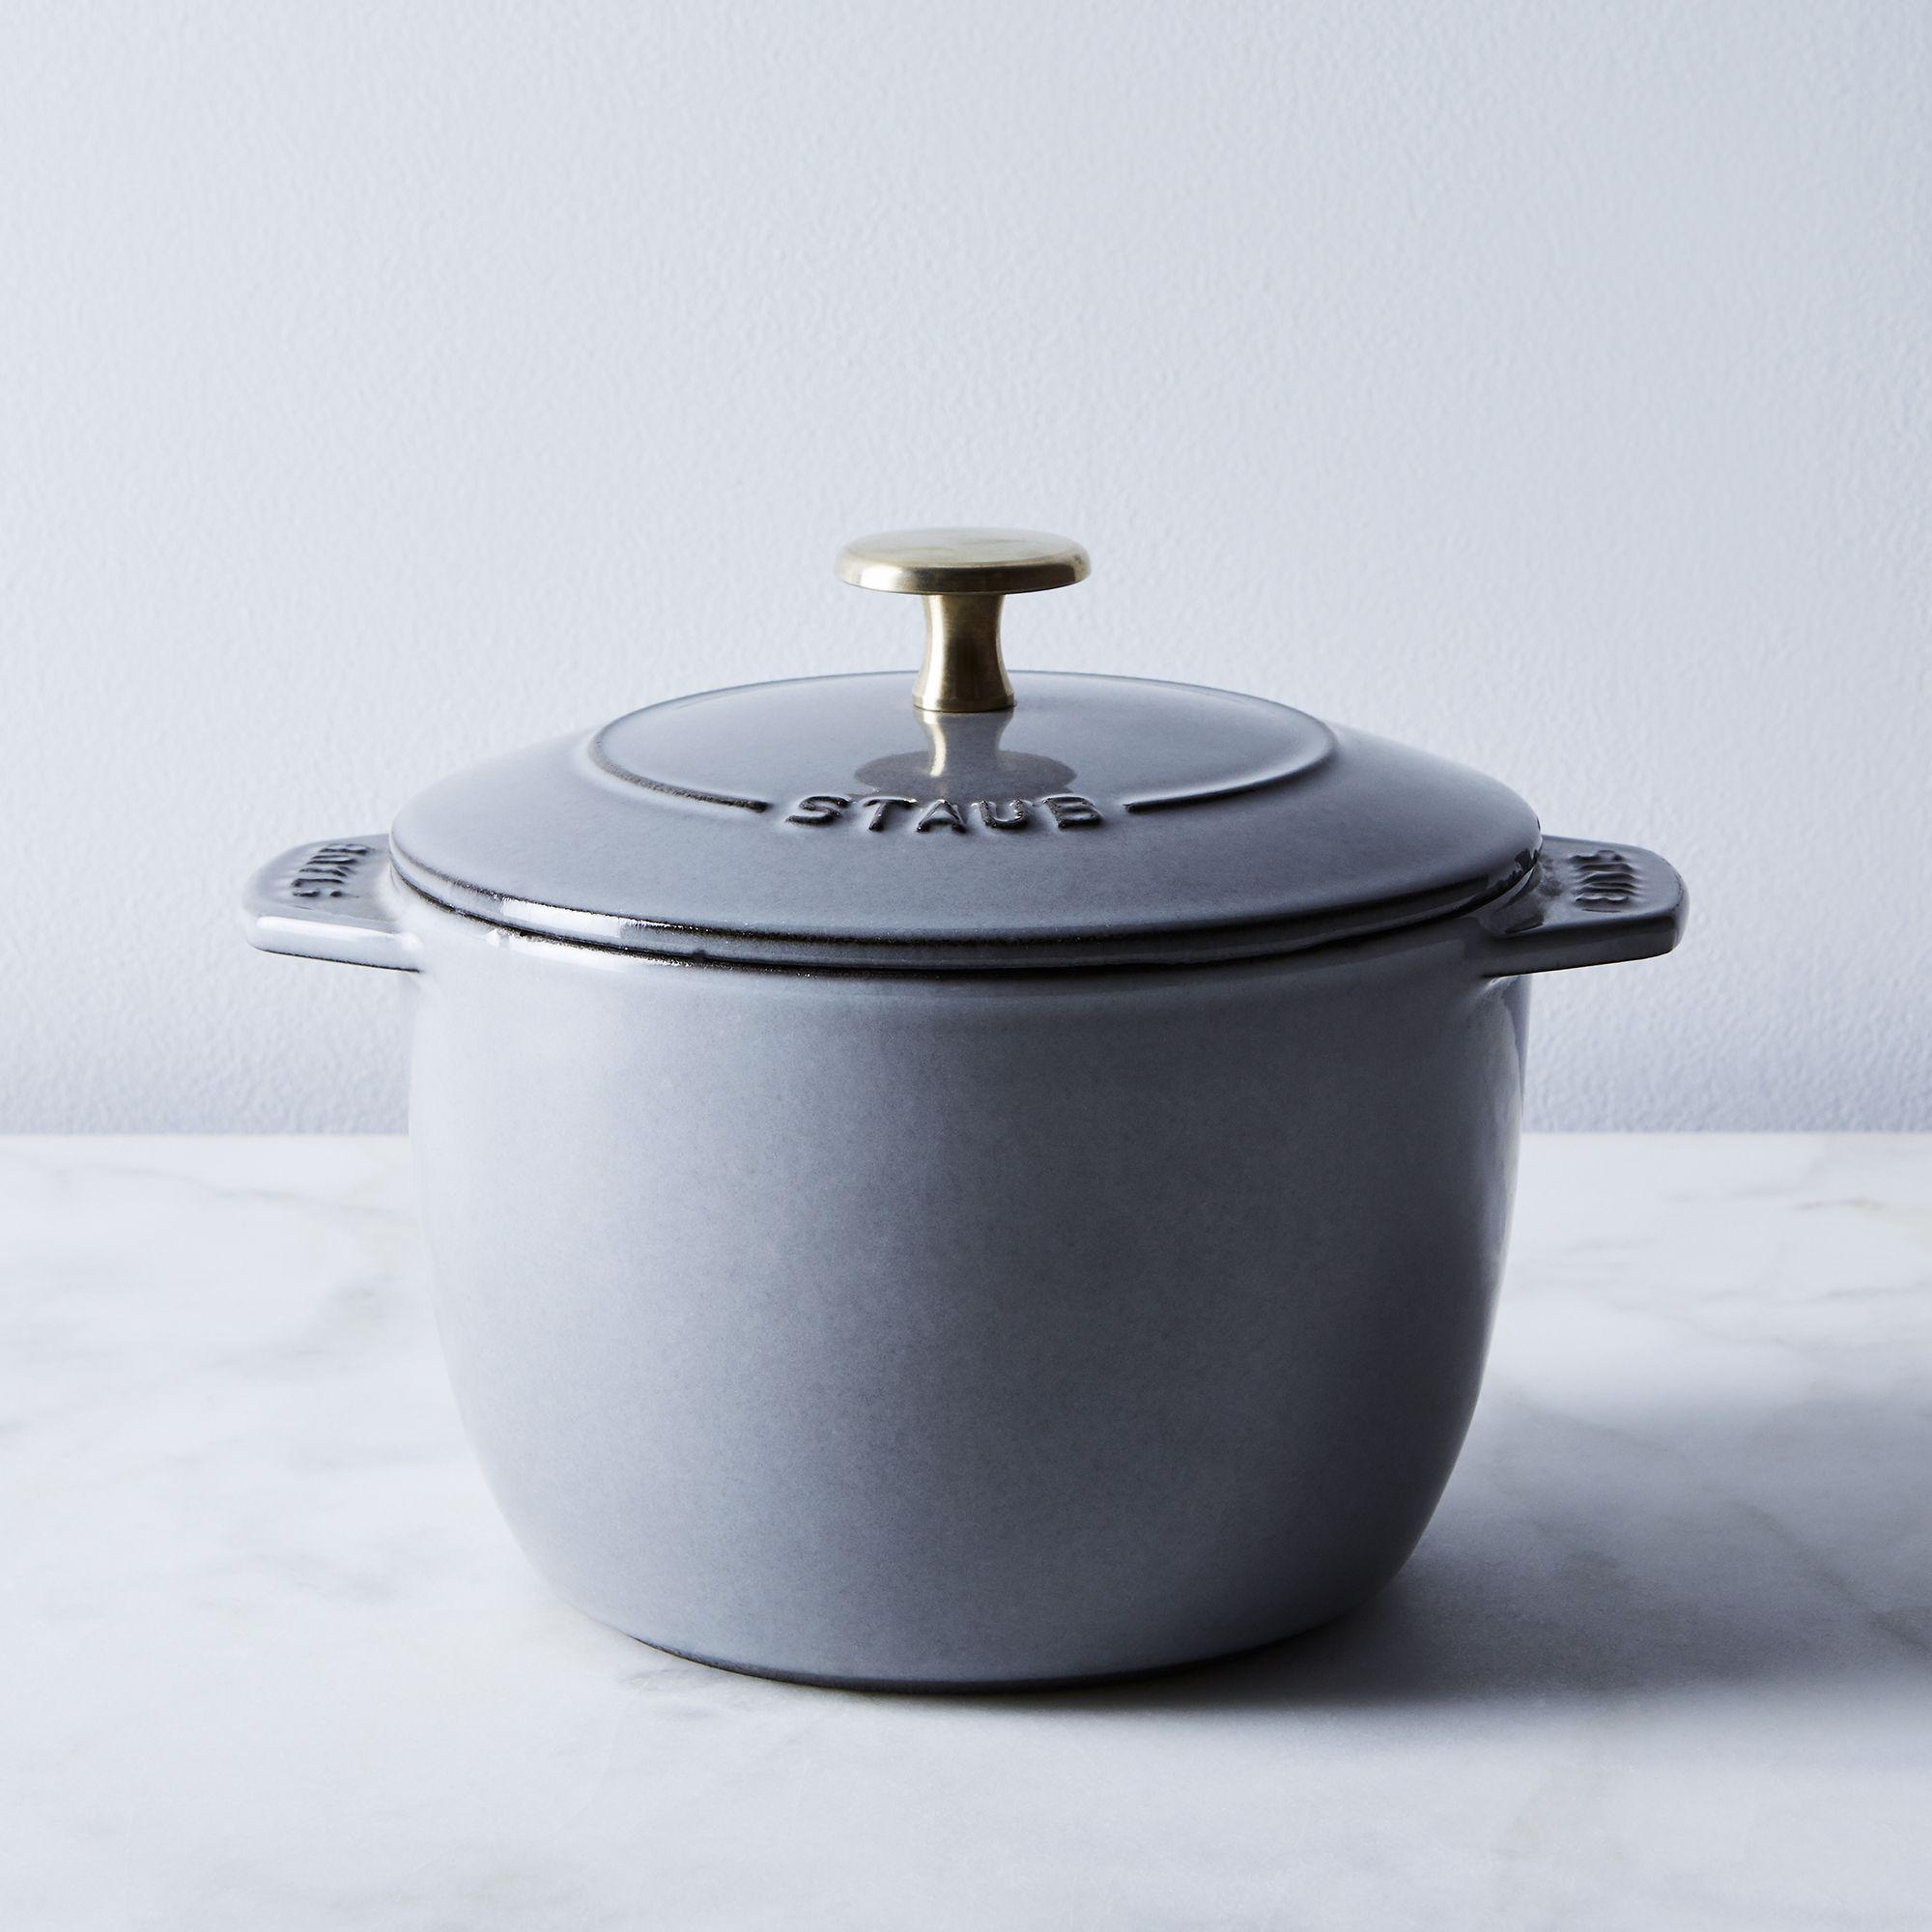 3eb11529 1e73 4886 aeb6 81f176e88b55  2018 0103 staub 1.5quart petite french oven rice cooker graphite brass silo rocky luten 003